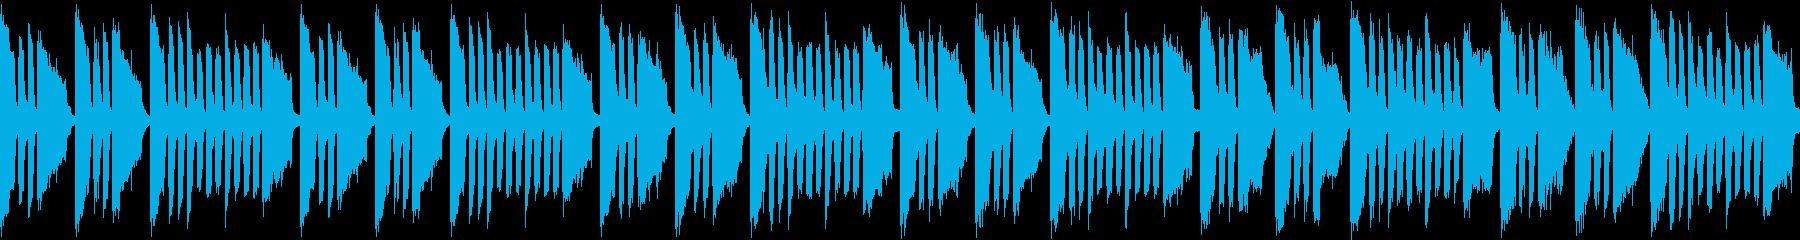 アクアリウム出来たな曲(ループ仕様)の再生済みの波形